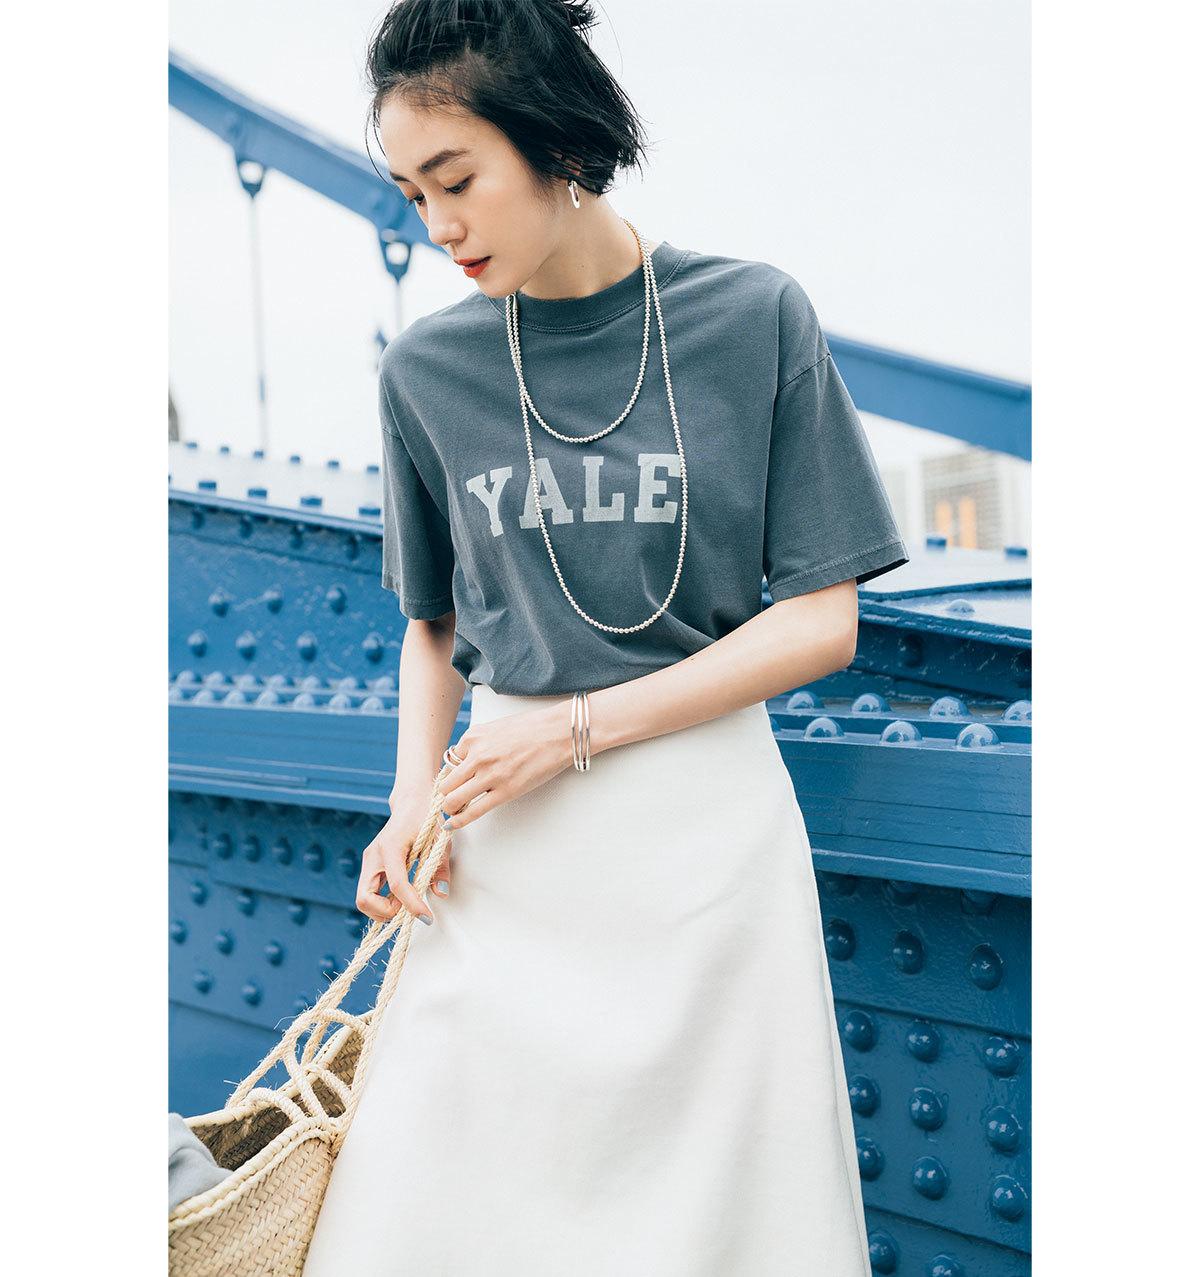 ■LOGO T-Shirt ニュアンスカラーや小さなロゴならきれいめに楽しめる